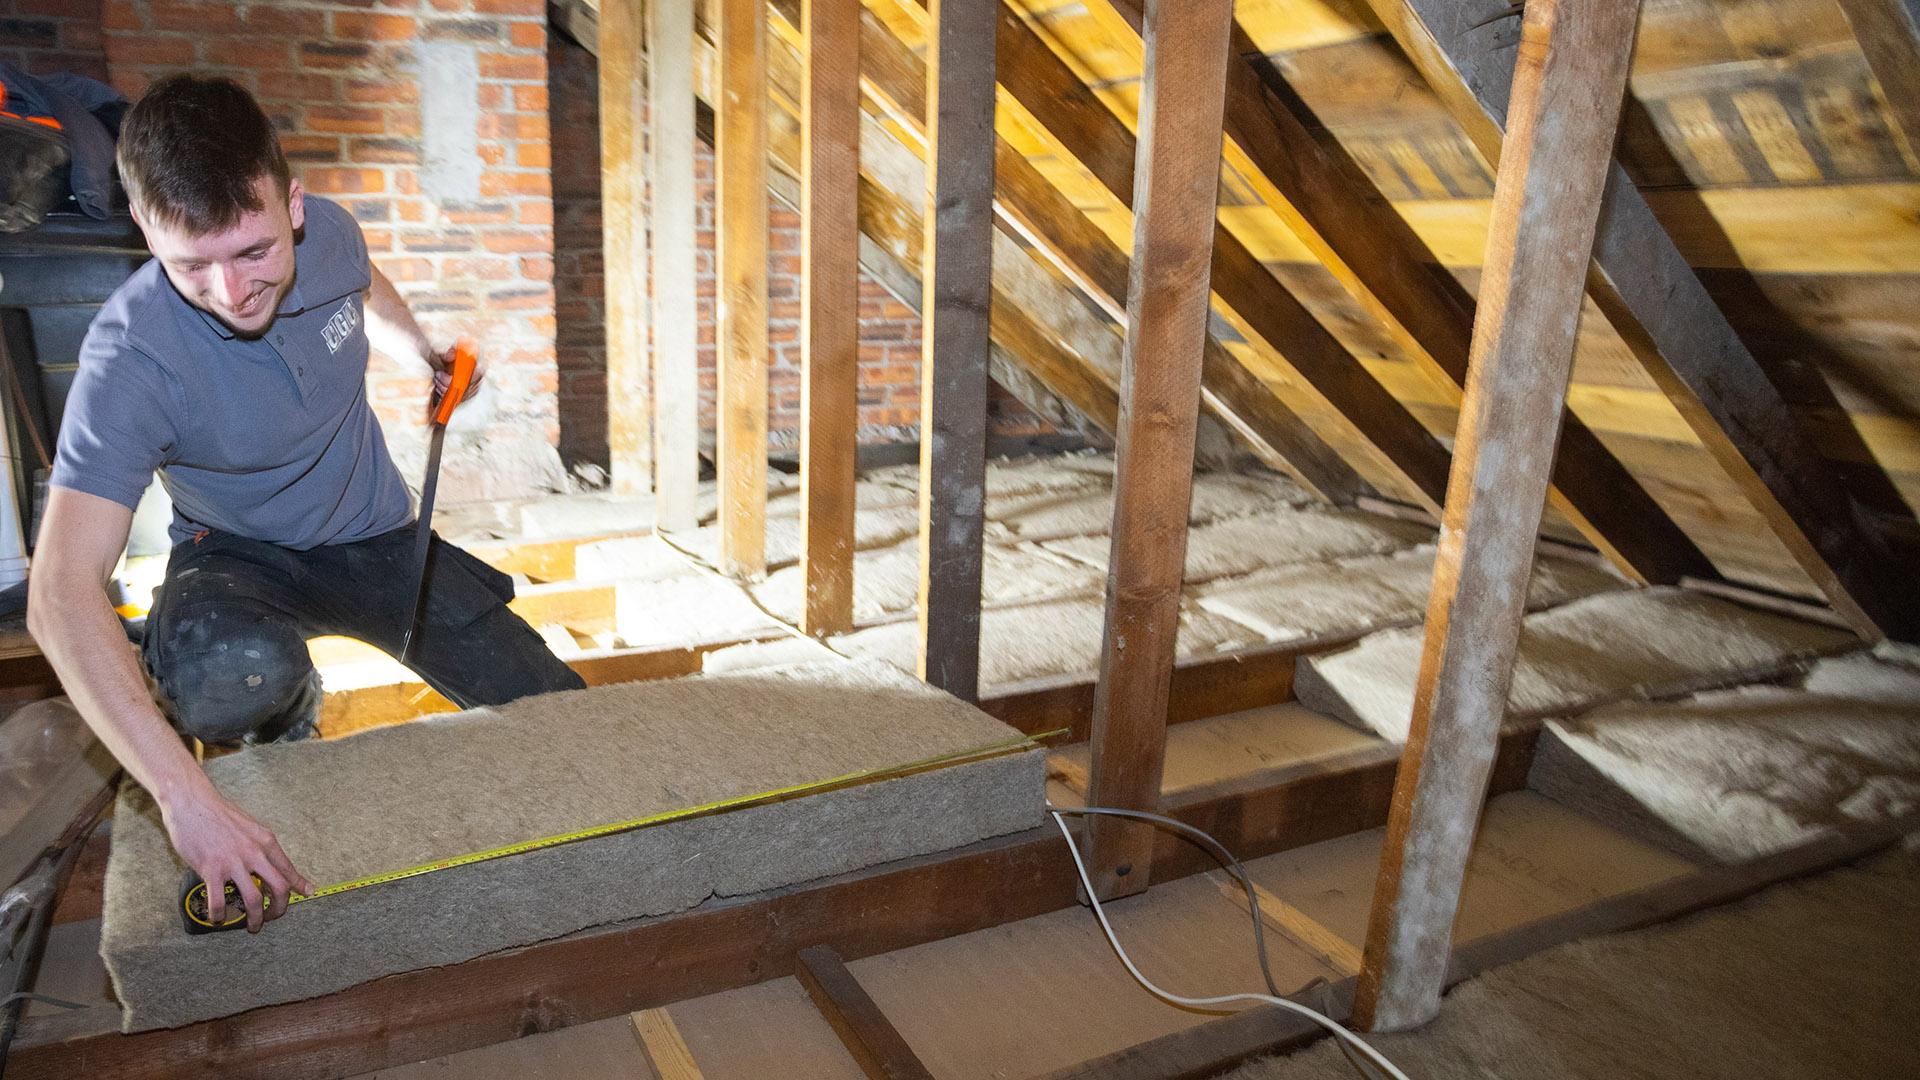 Insulation batts being installed